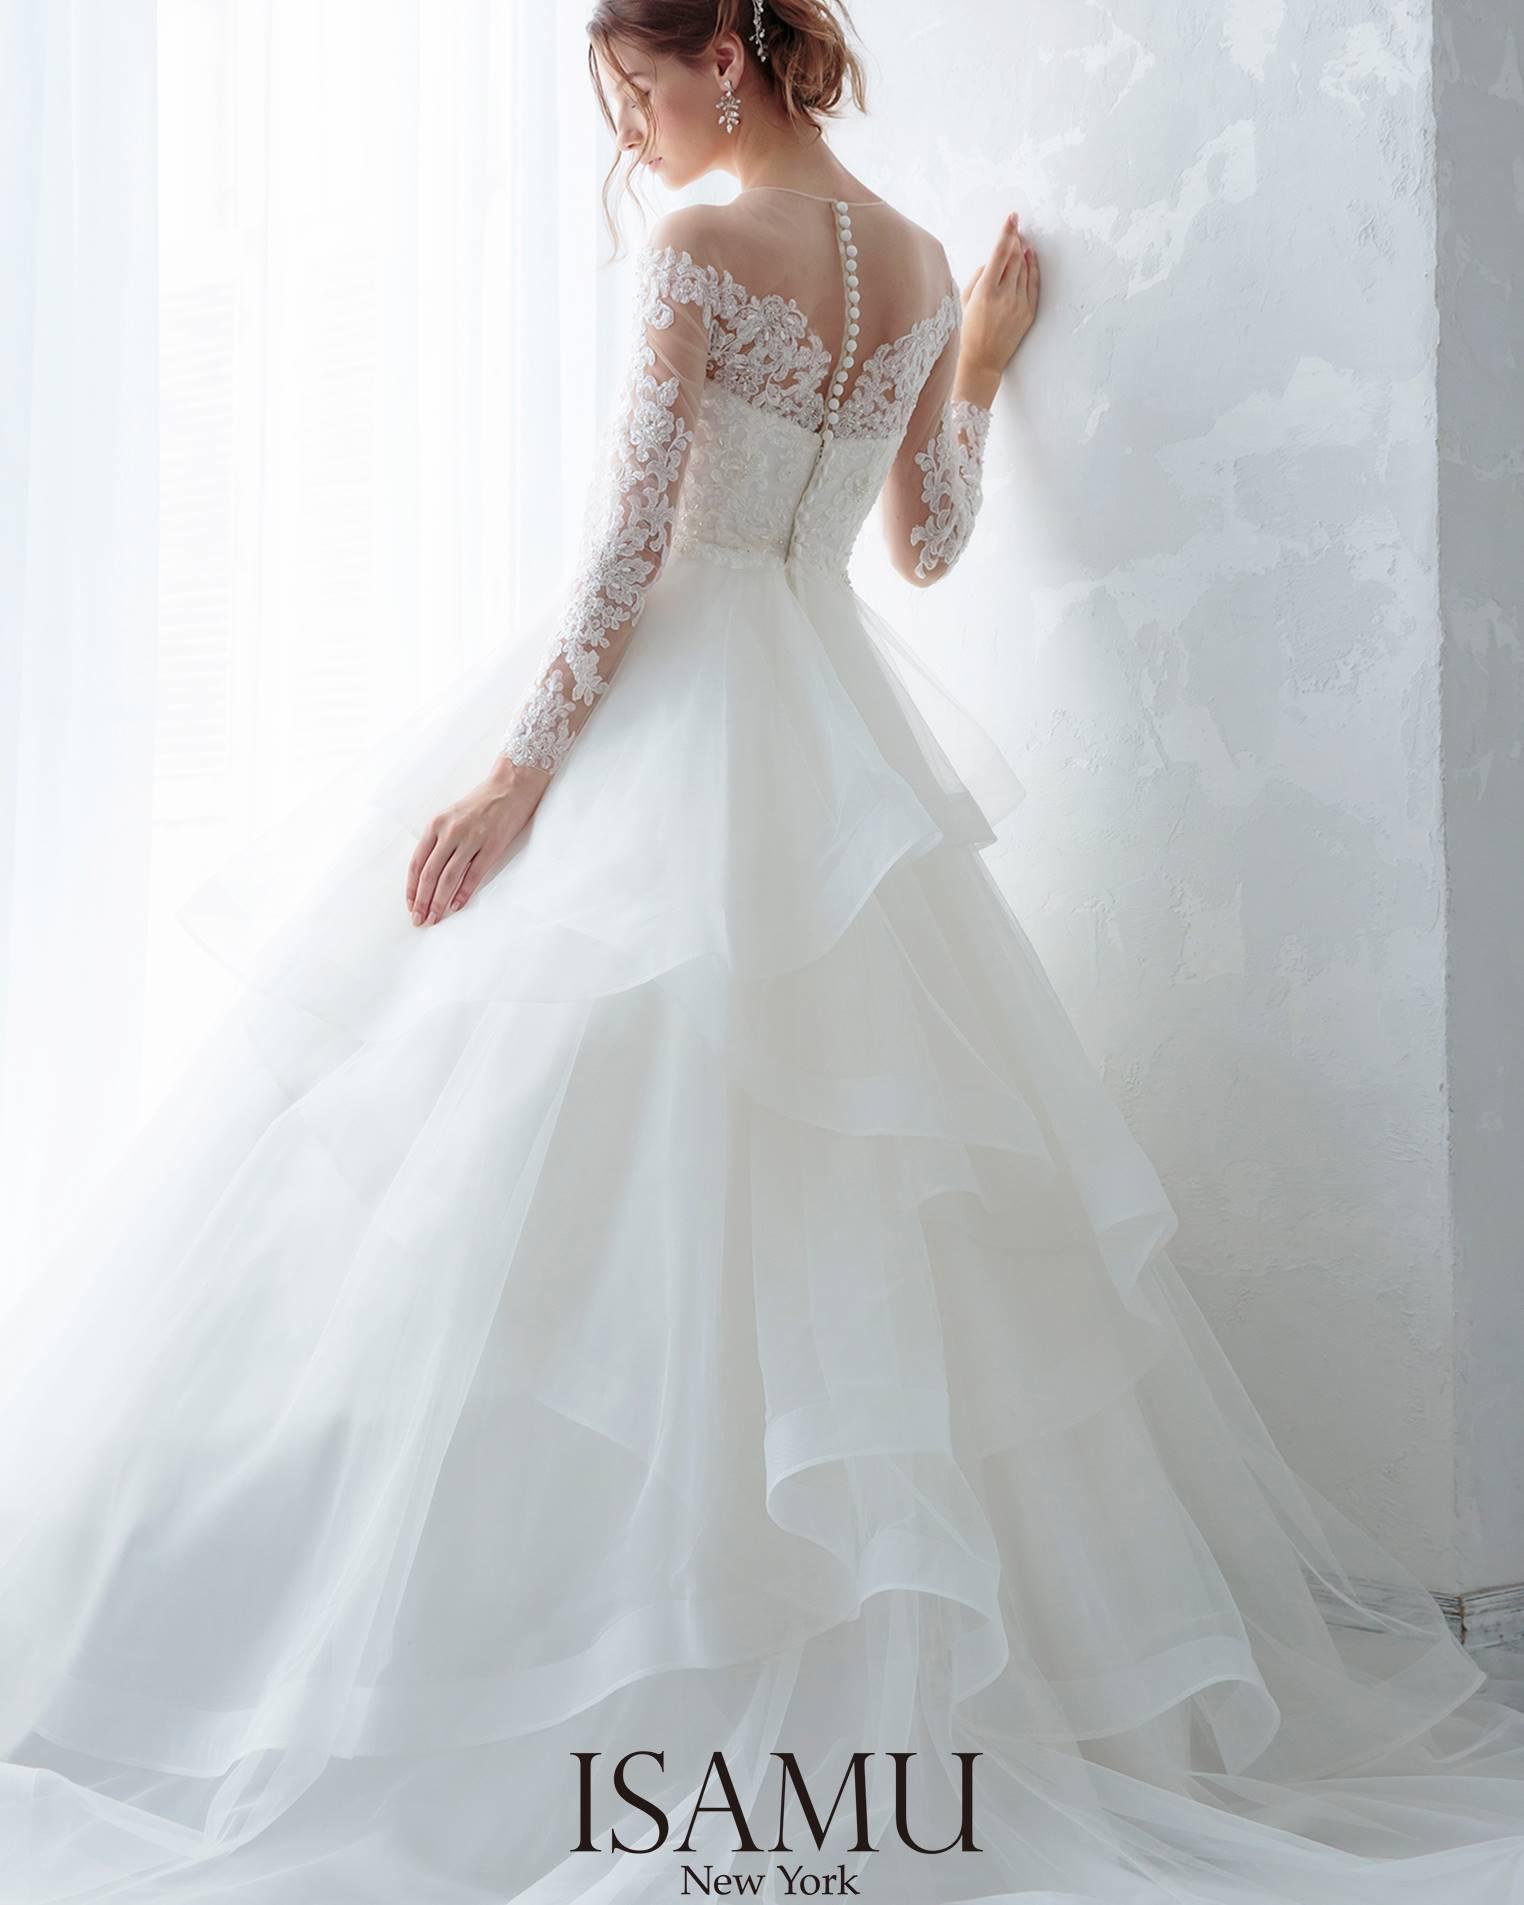 イサムモリタのウェディングドレスのご紹介